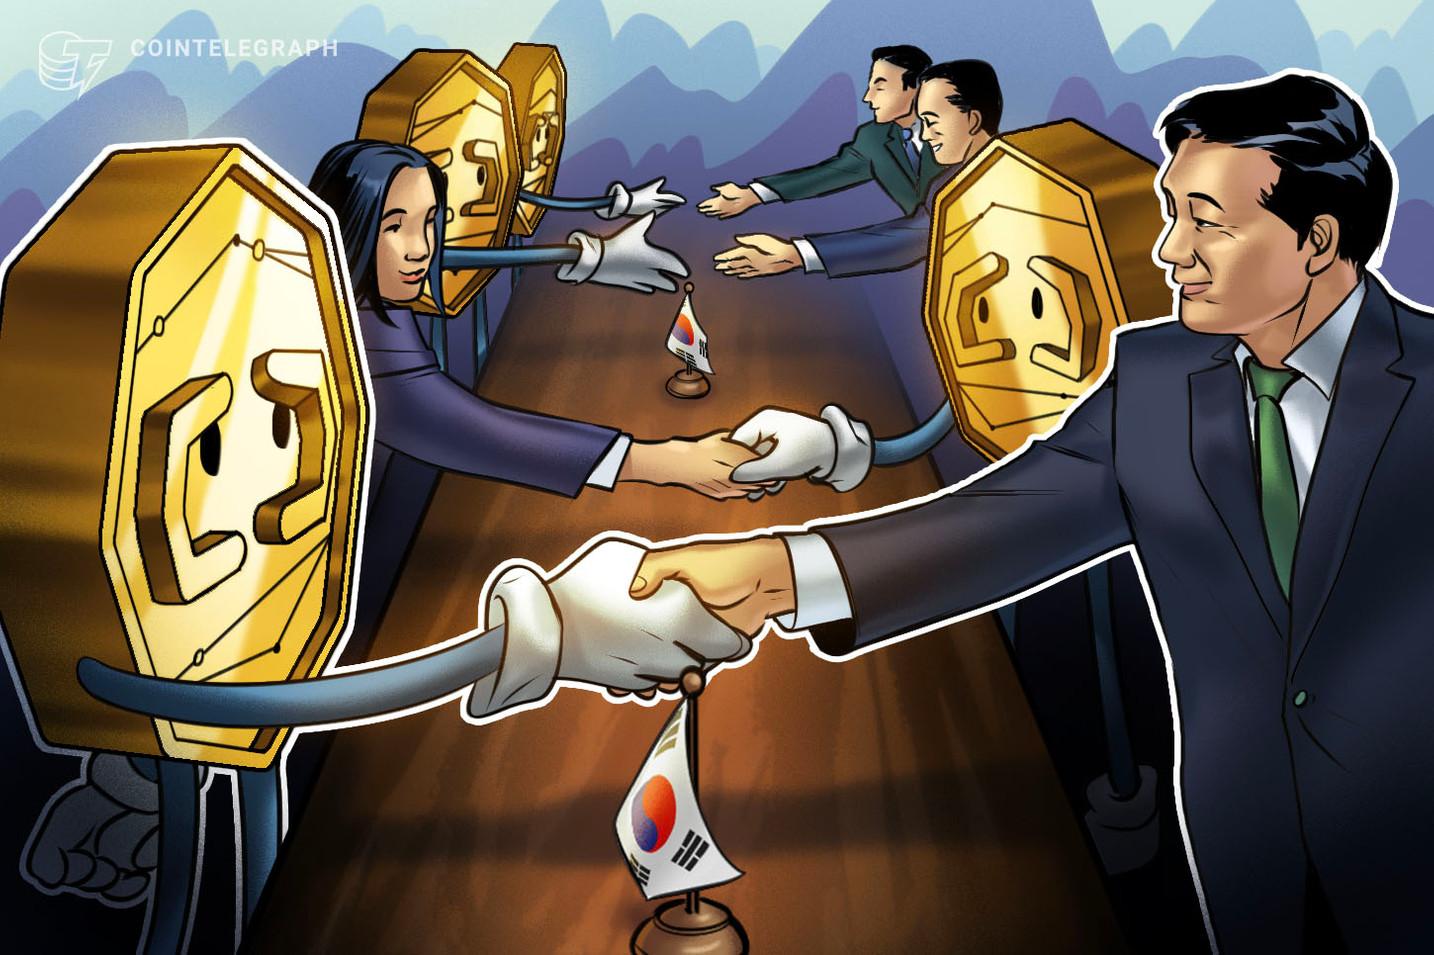 Banco Central da Coréia do Sul lança programa piloto de moeda digital